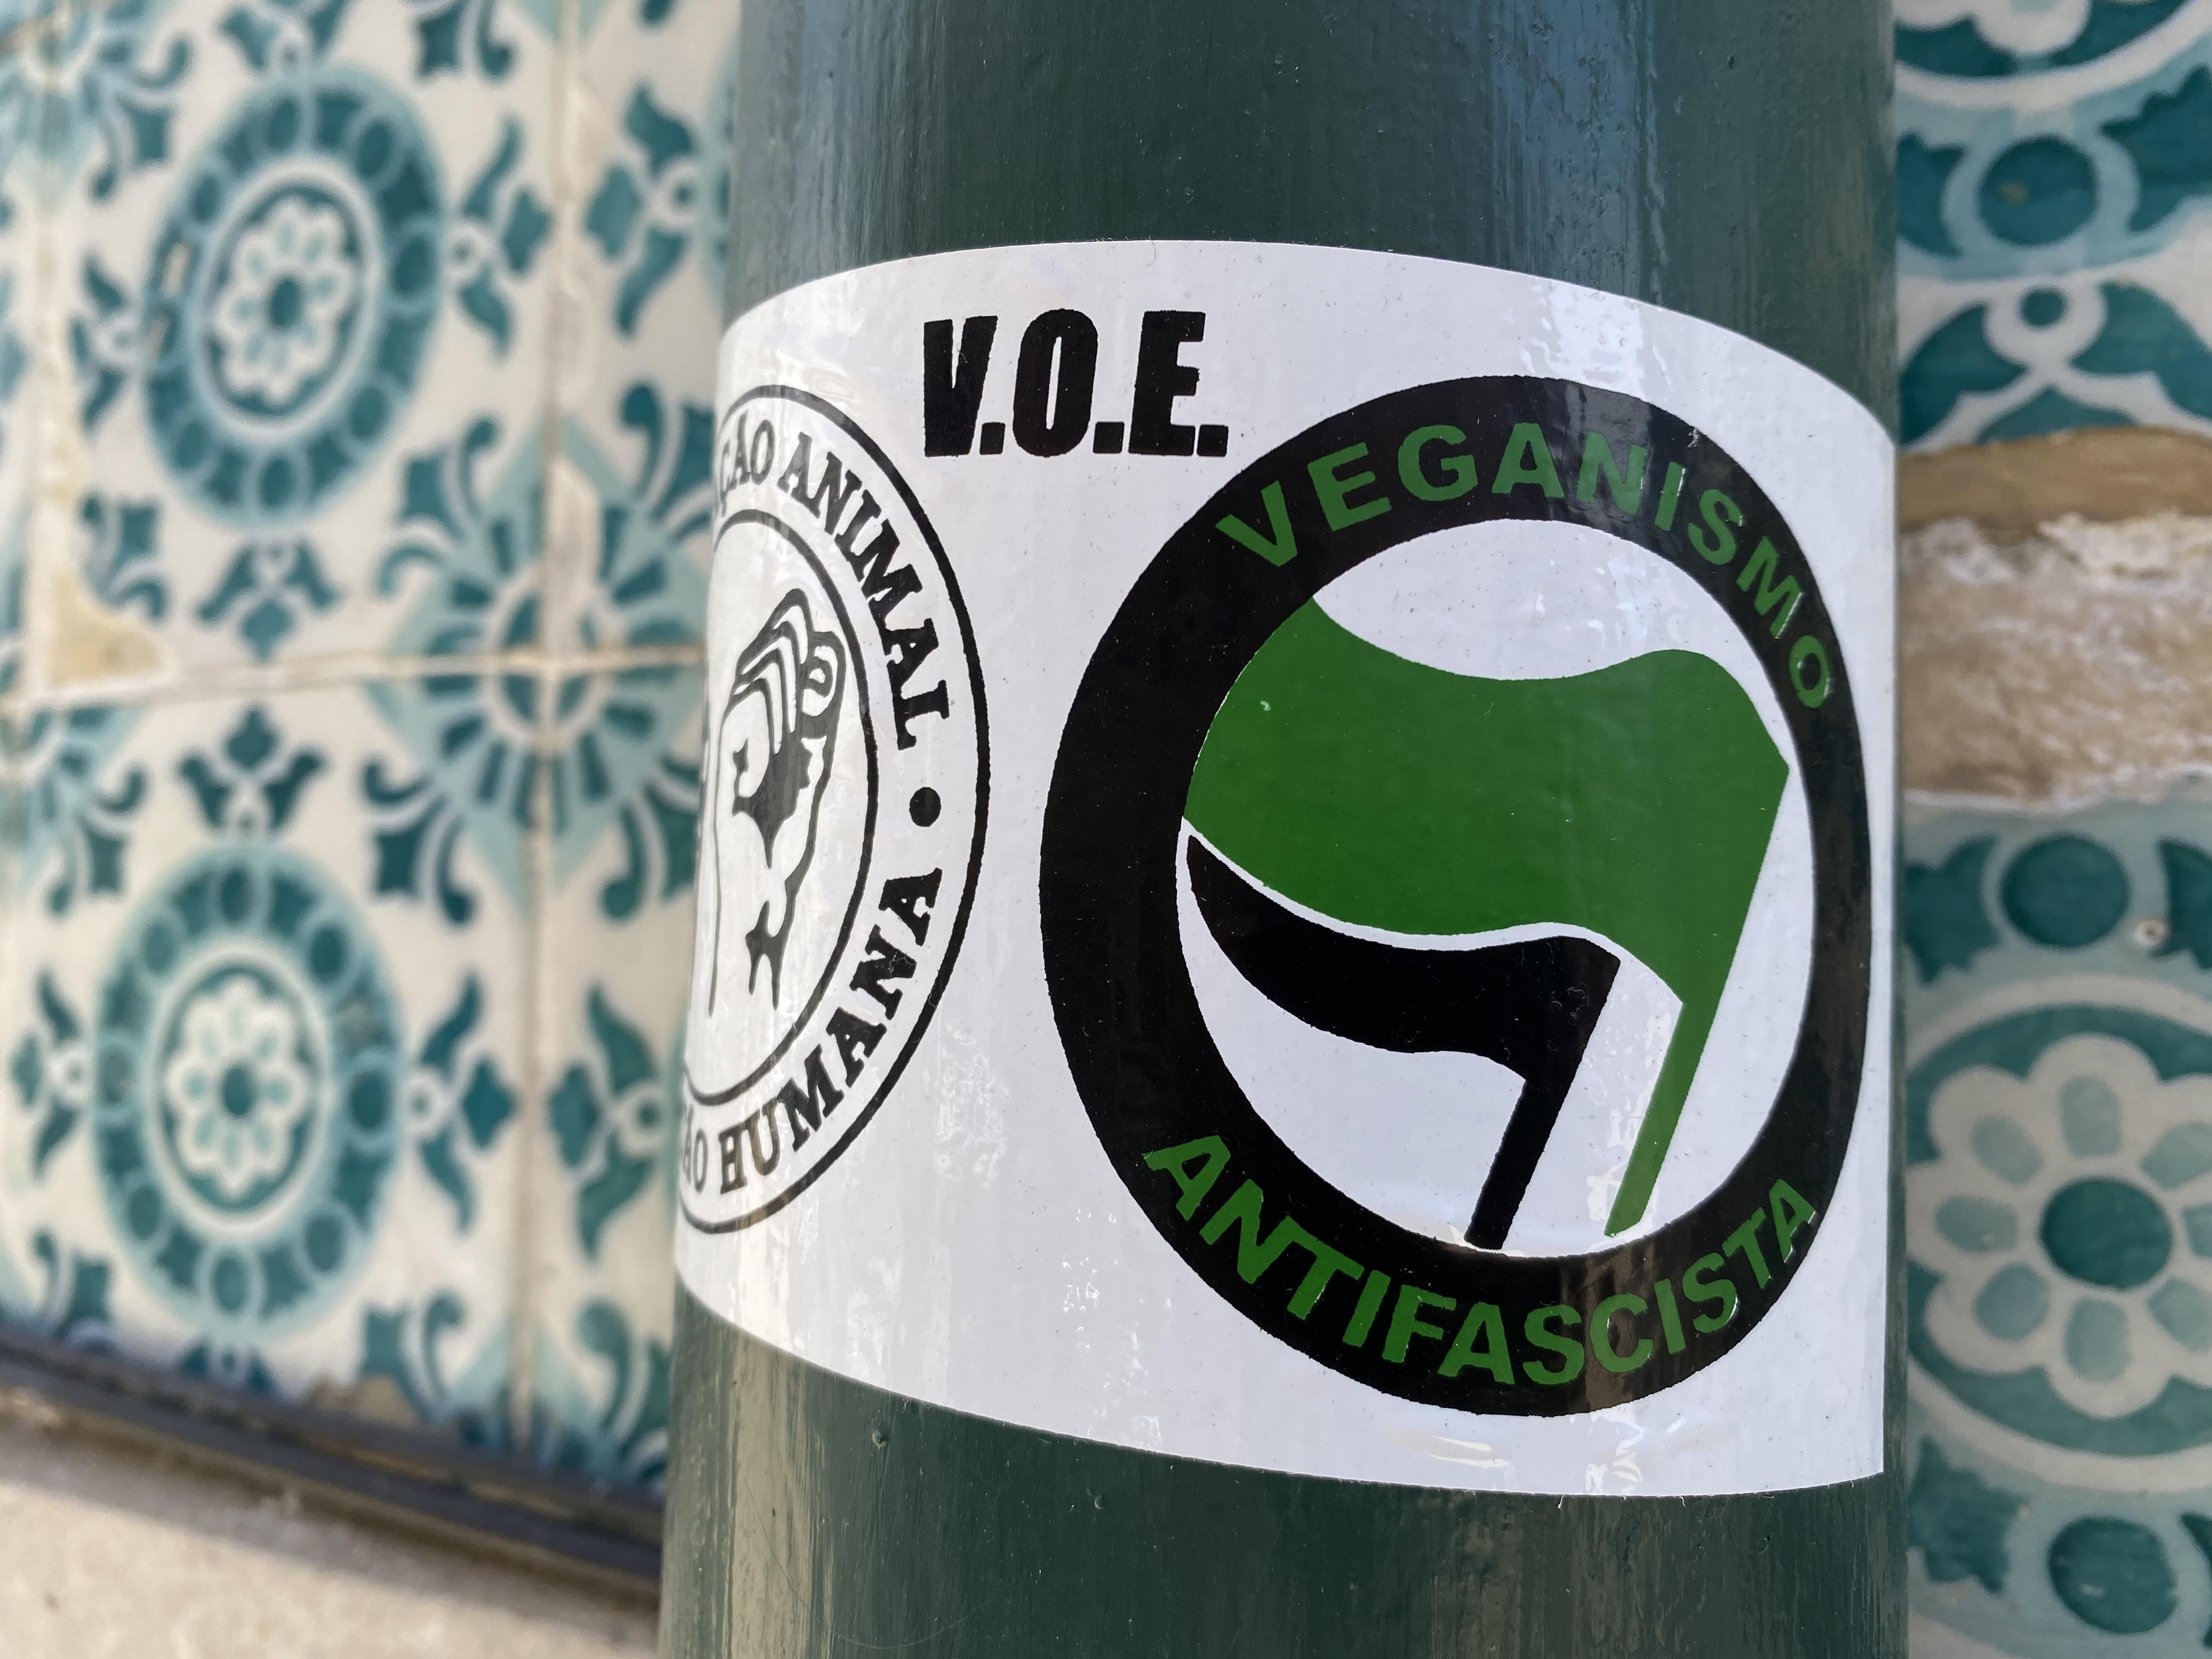 antifa vegan junho 2020 lisboa 1